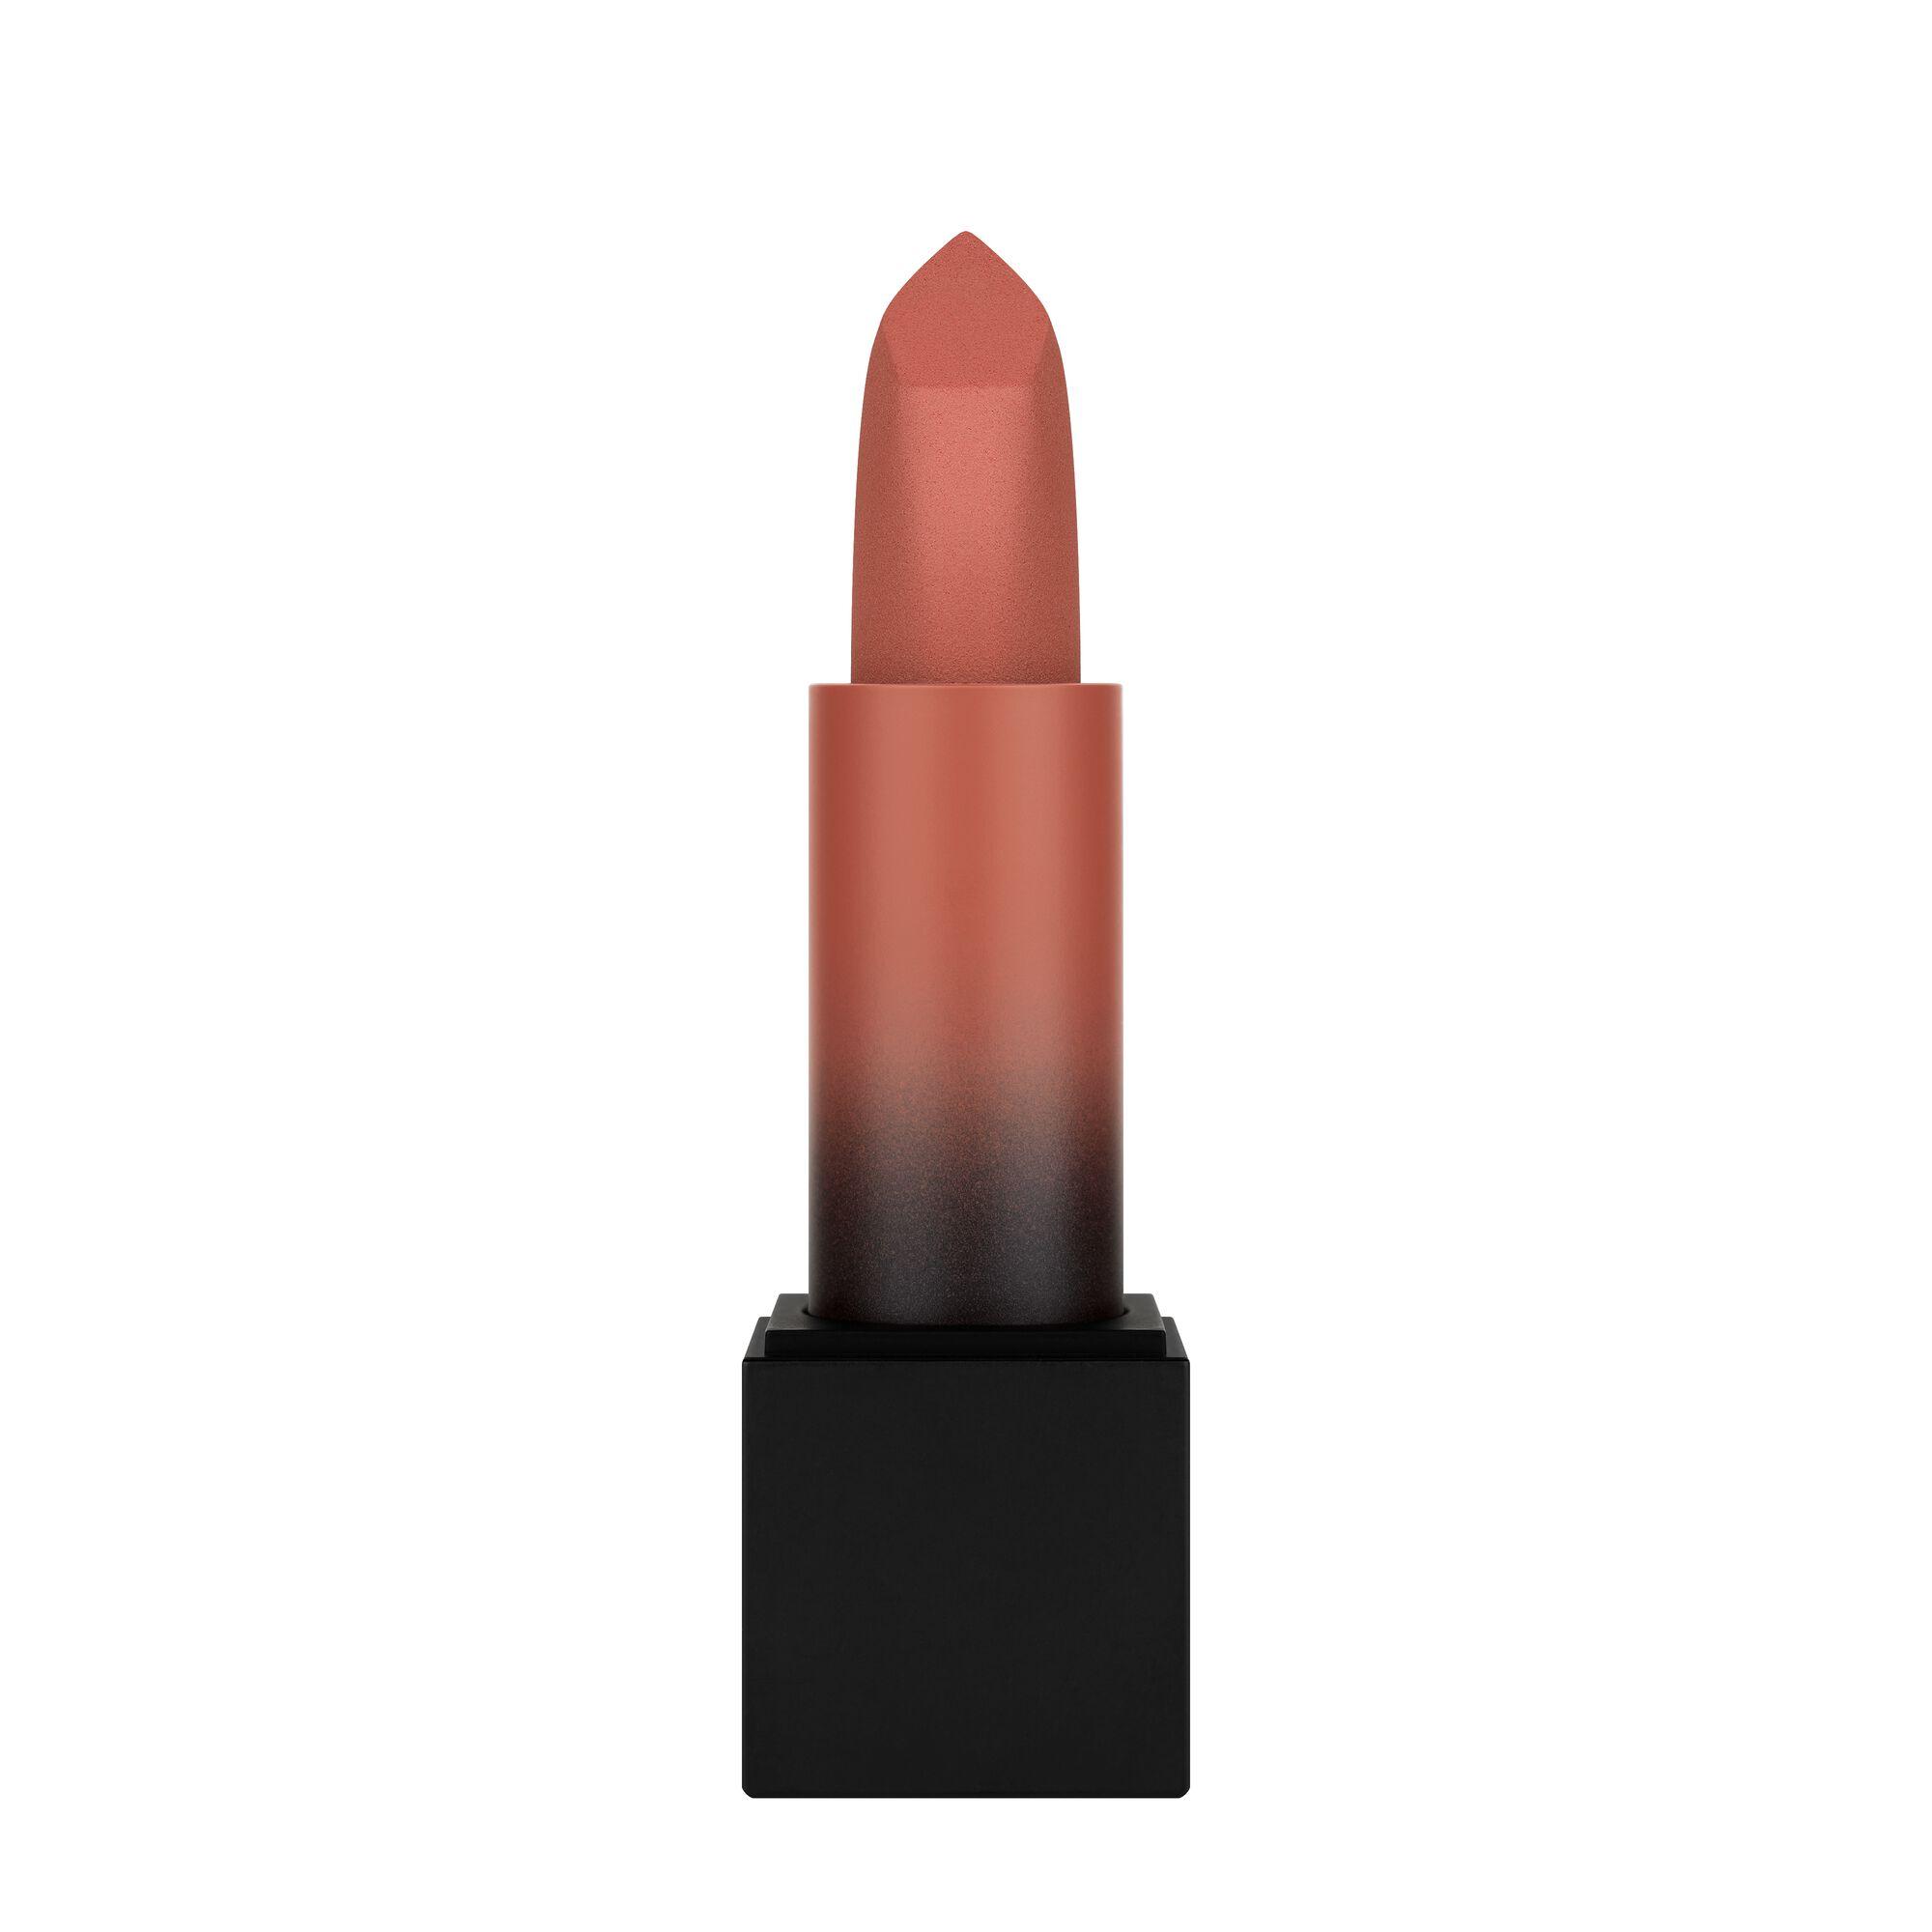 Power Bullet Matte Lipstick - First Kiss